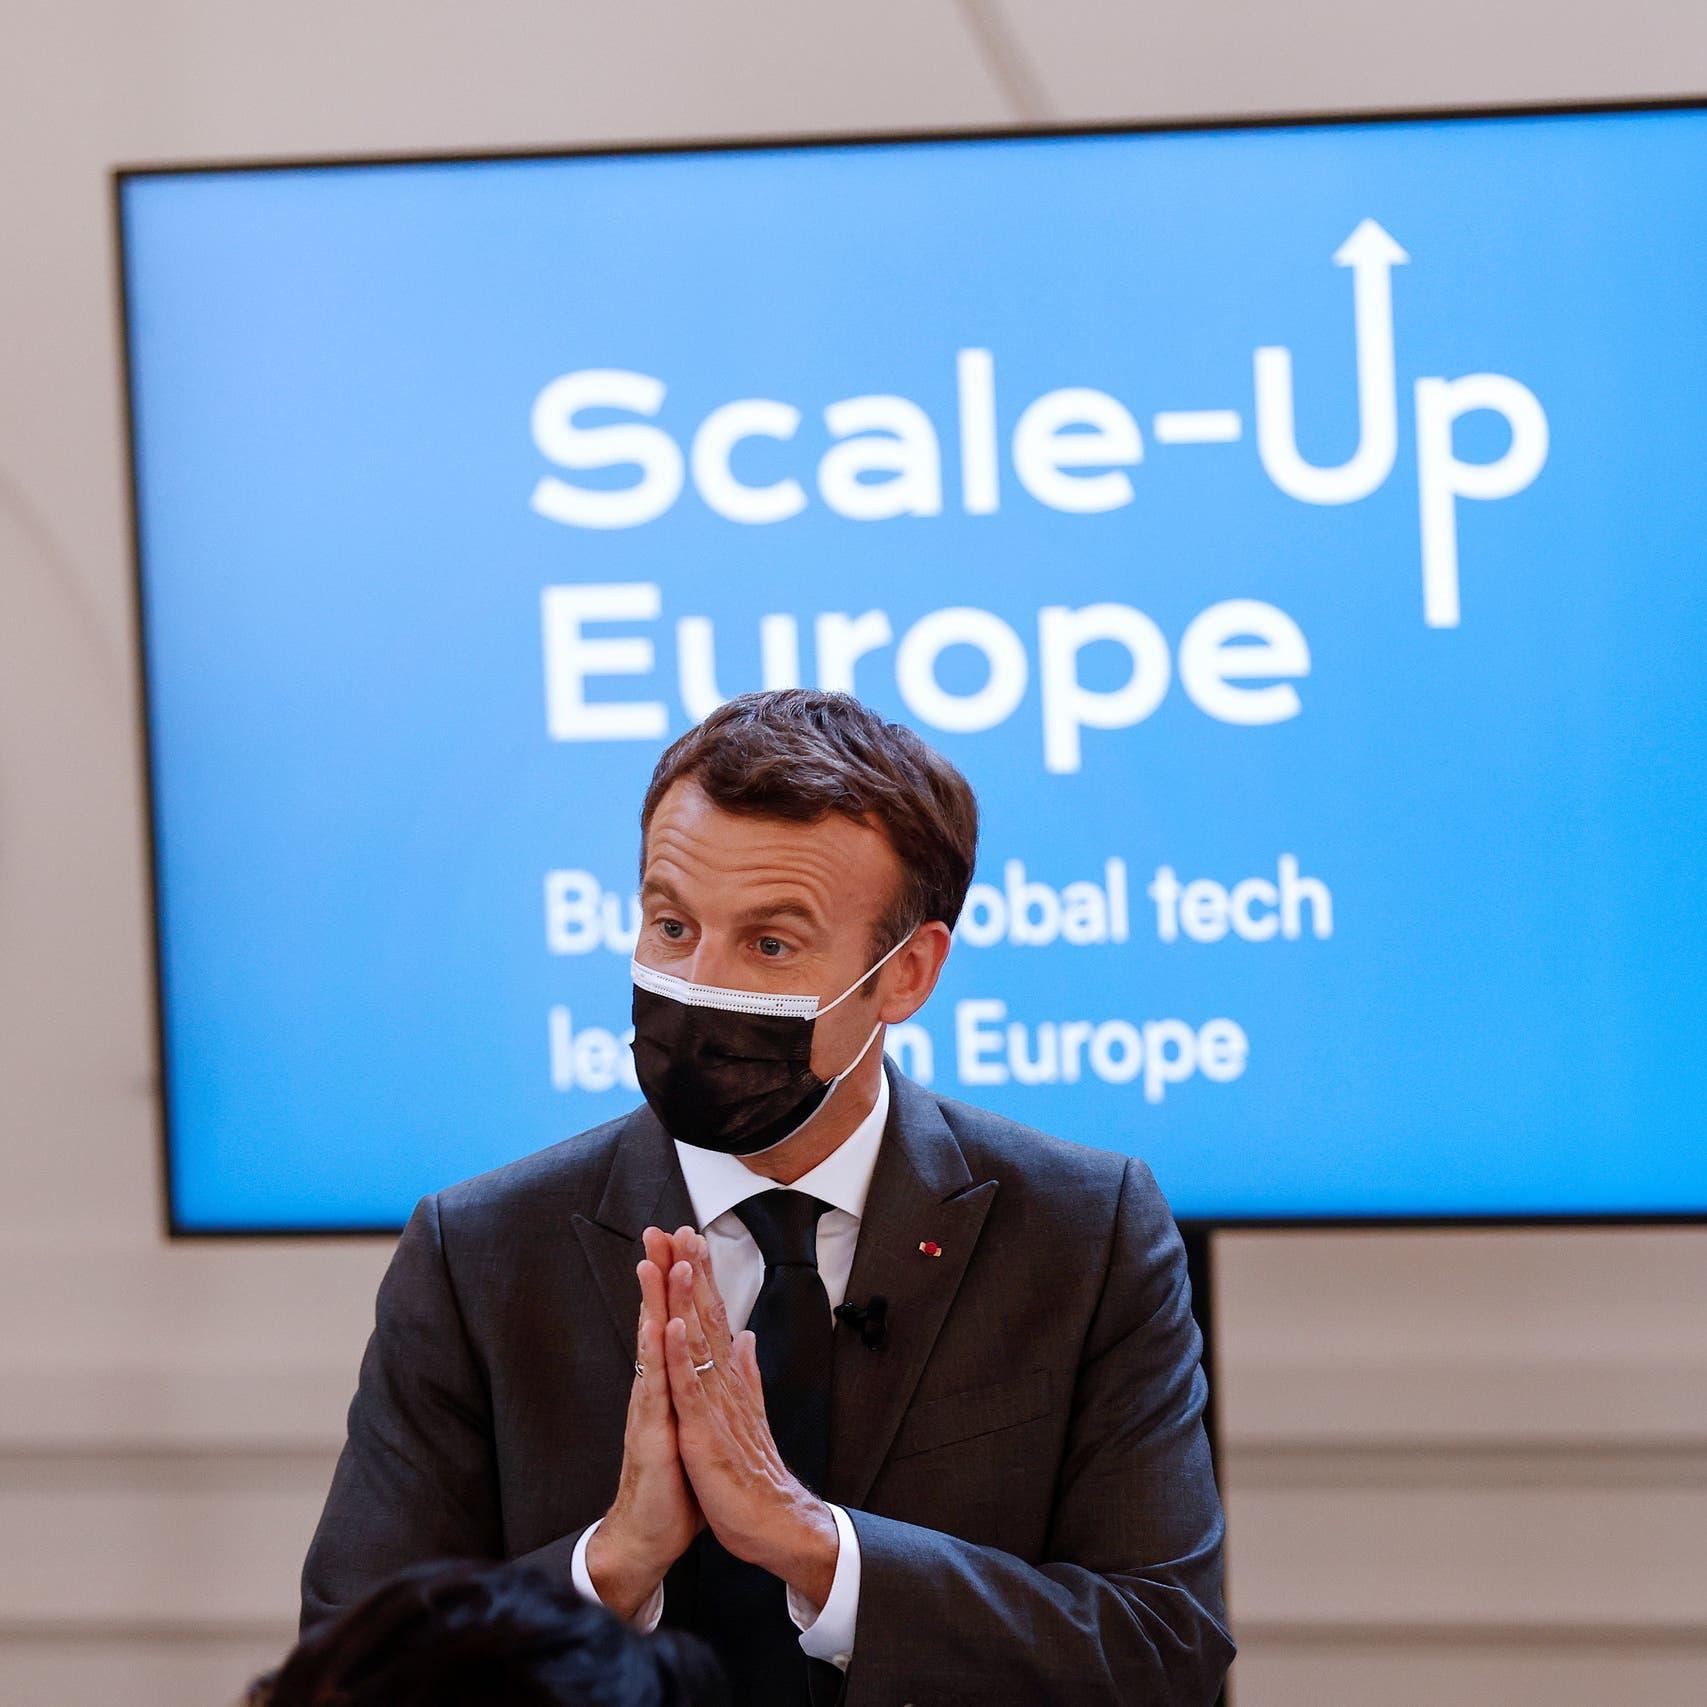 ماكرون: تأسيس 10 شركات أوروبية في مجال التكنولوجيا لمنافسة أميركا